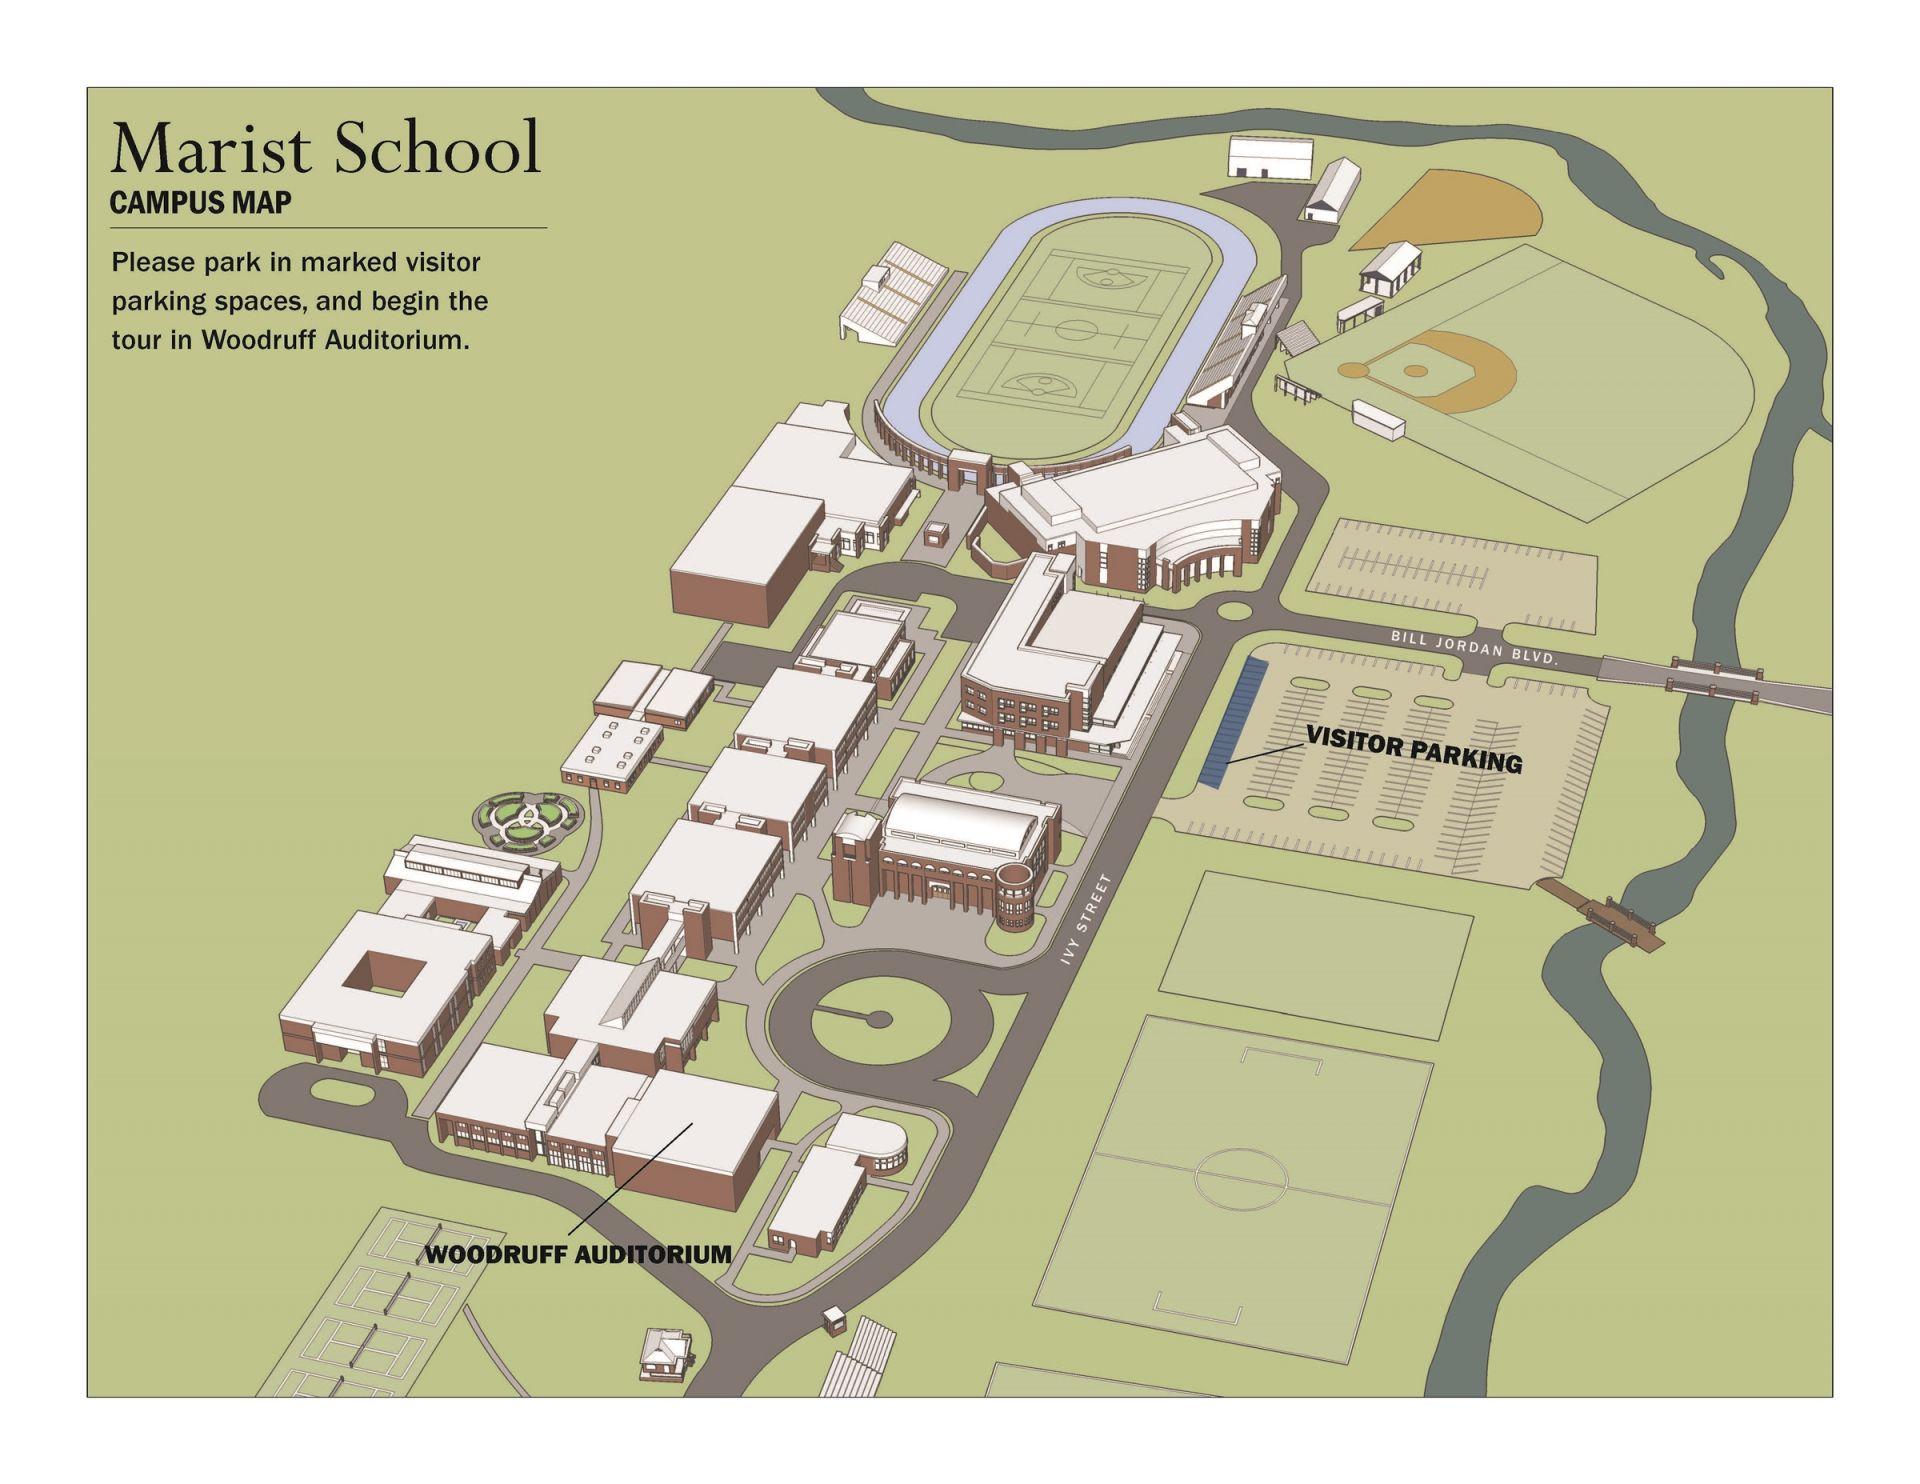 Campus Tour Parking Map